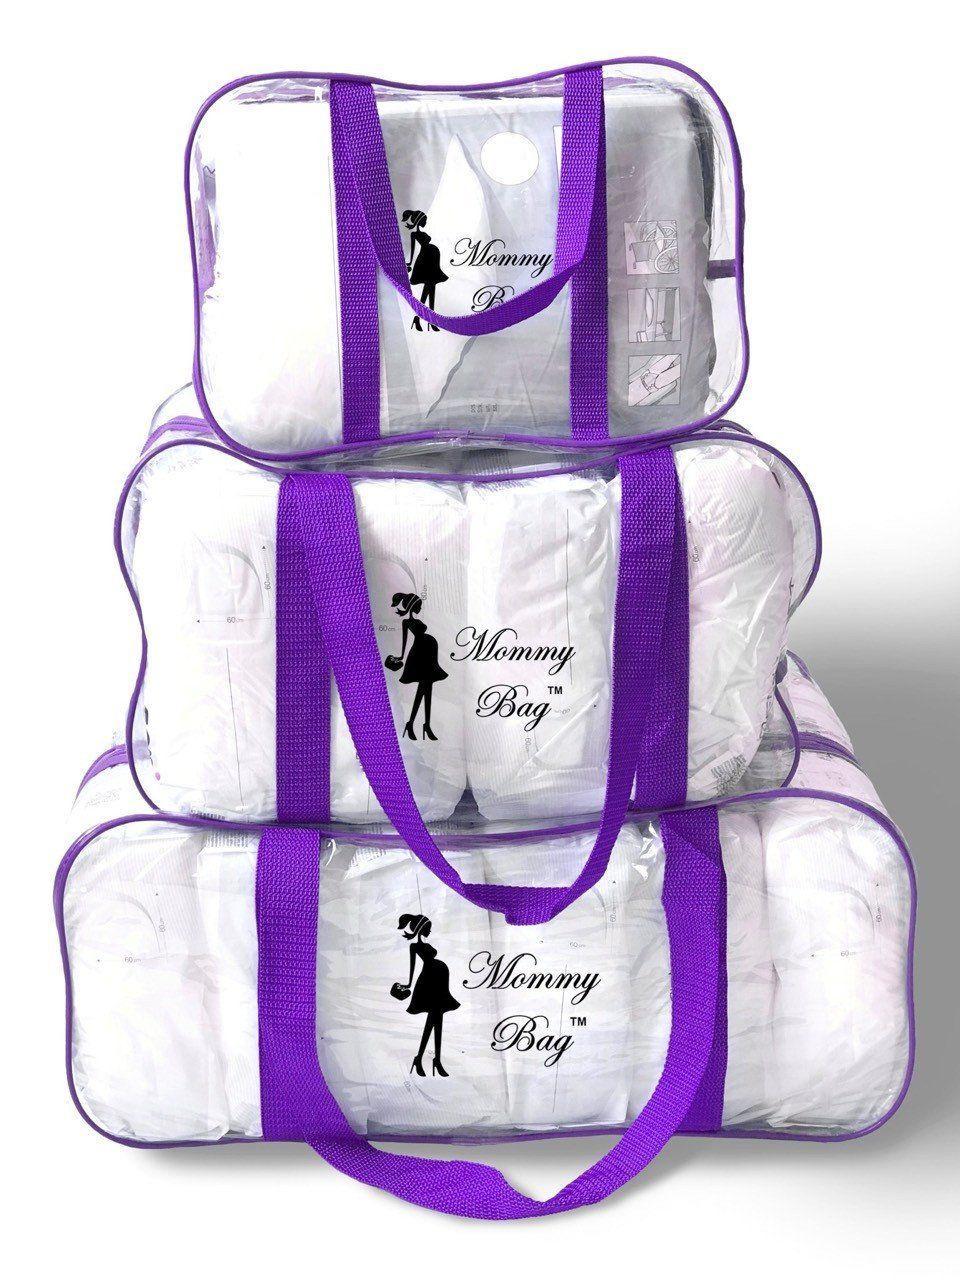 Набор из прозрачных сумок в роддом Mommy Bag, размеры - S, M, L, цвет - Фиолетовый